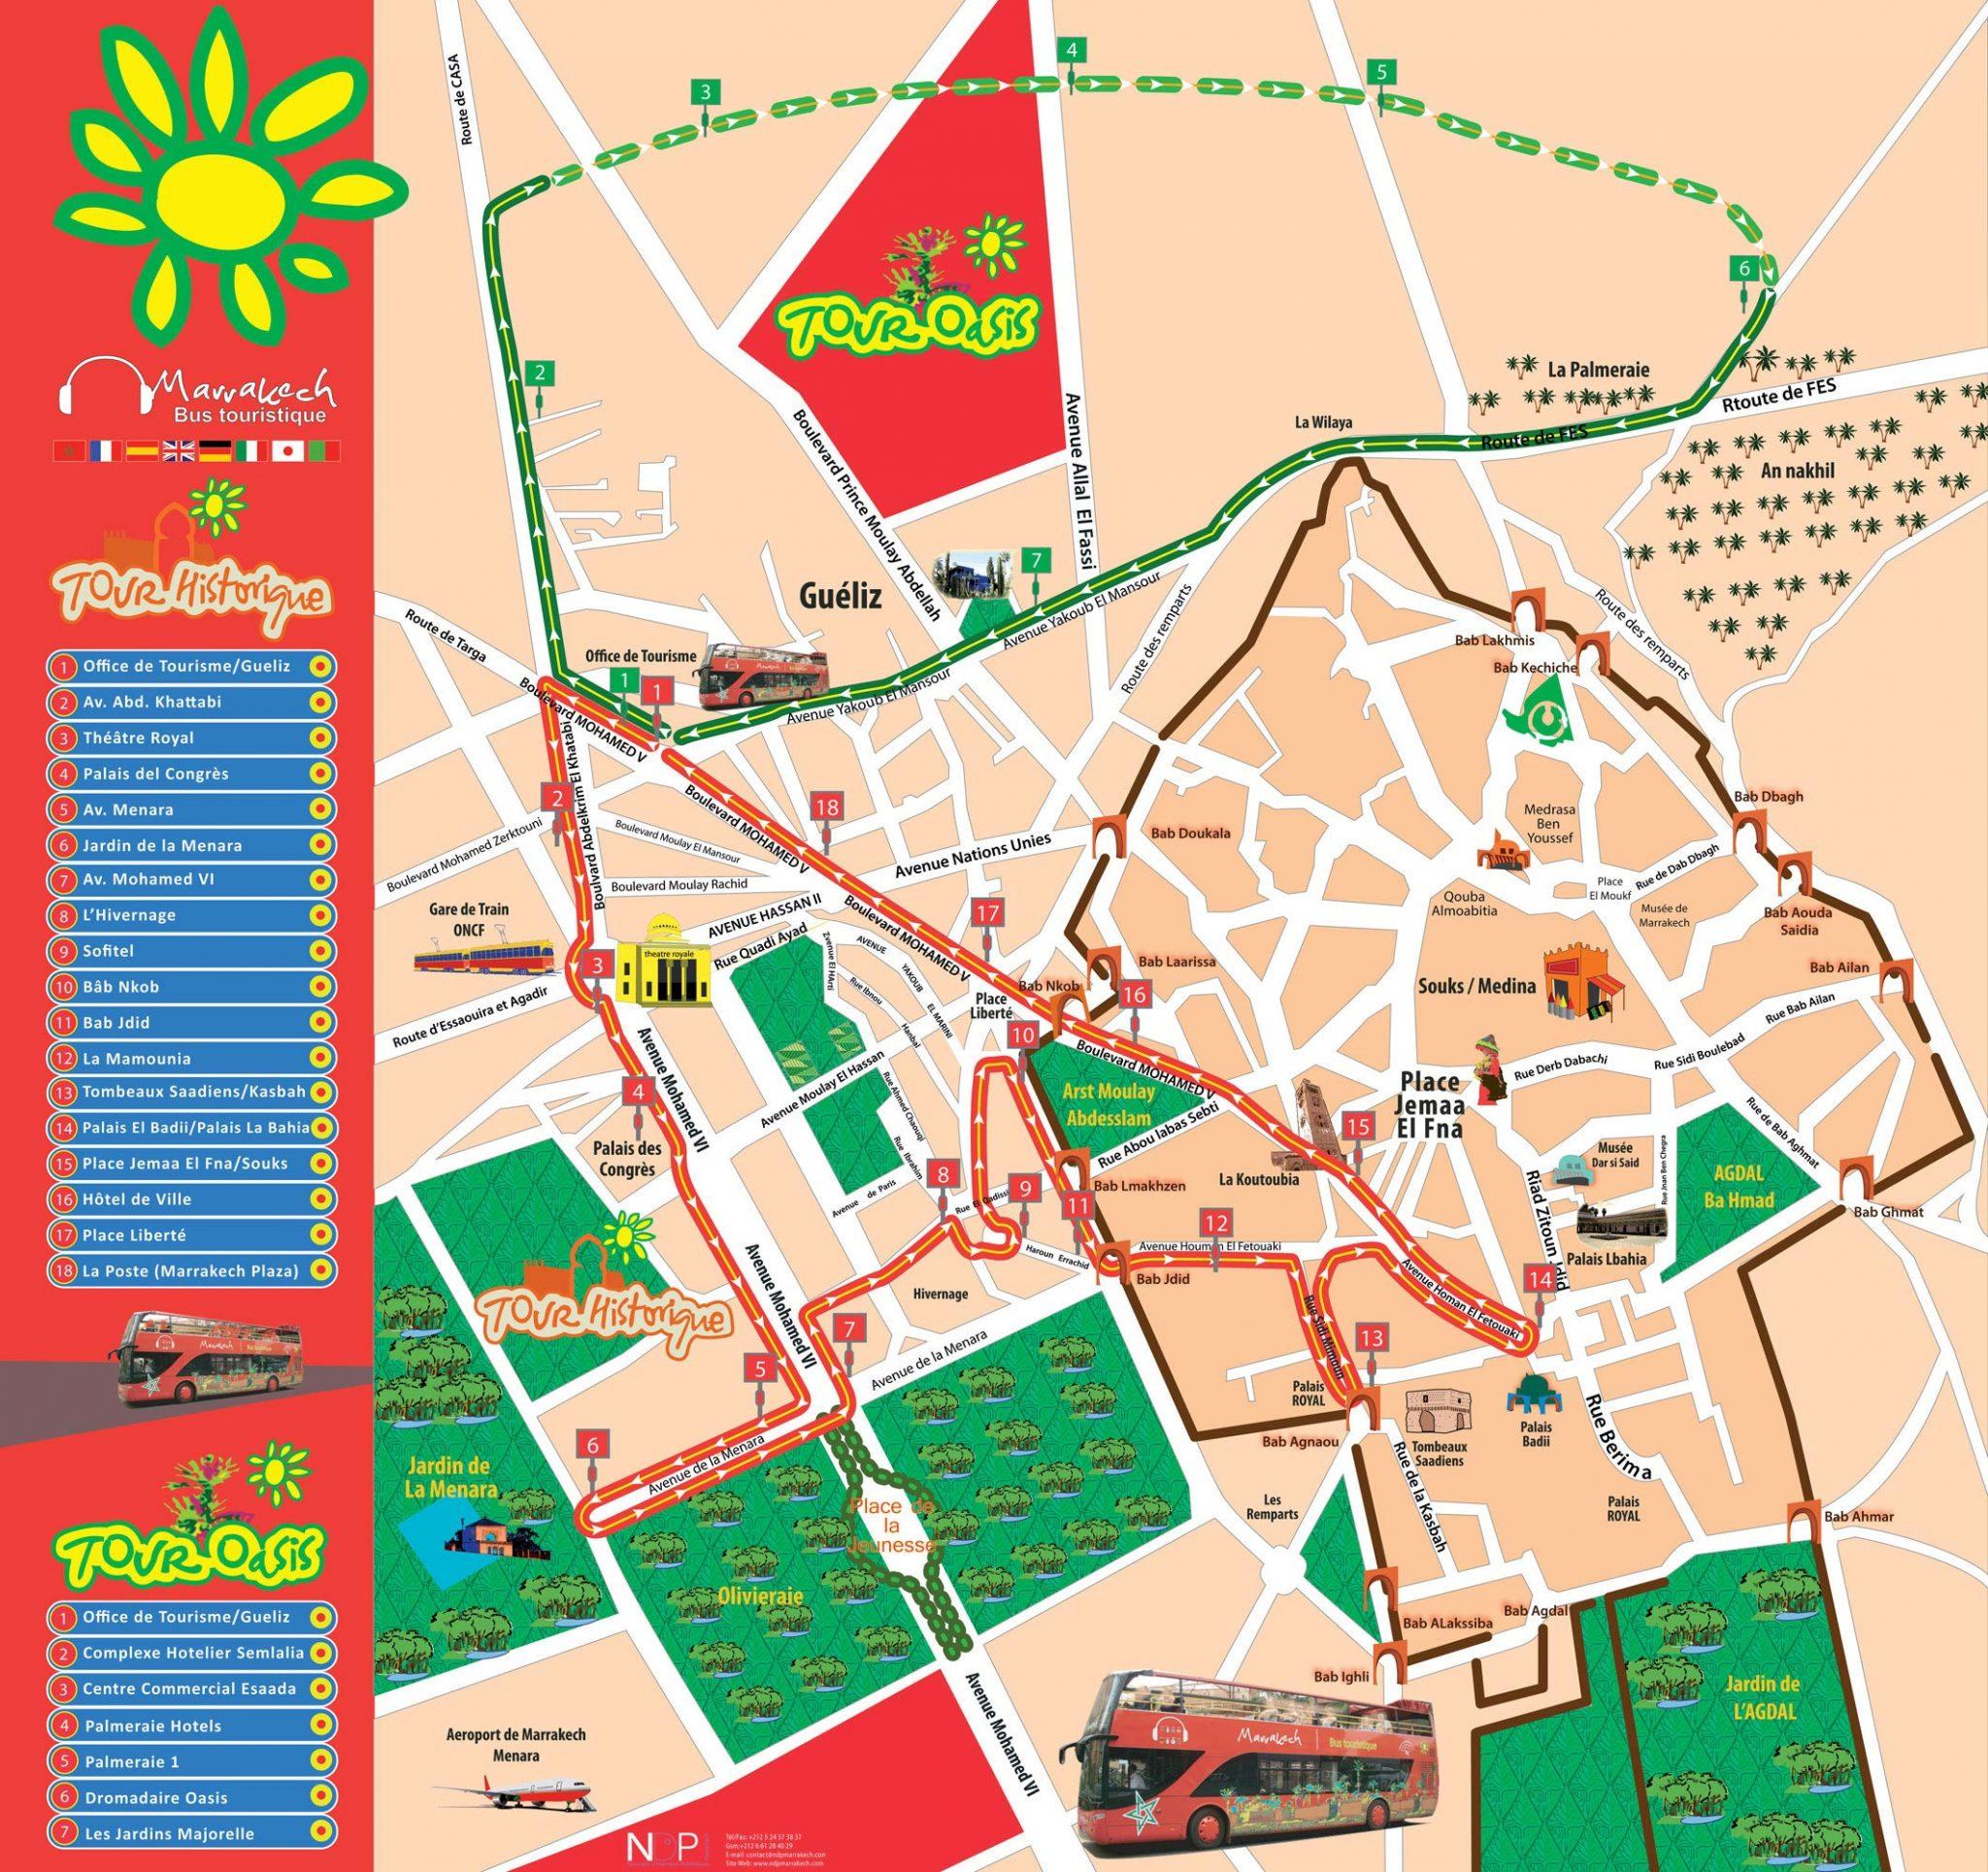 mappa-bus-turistico-marrakech